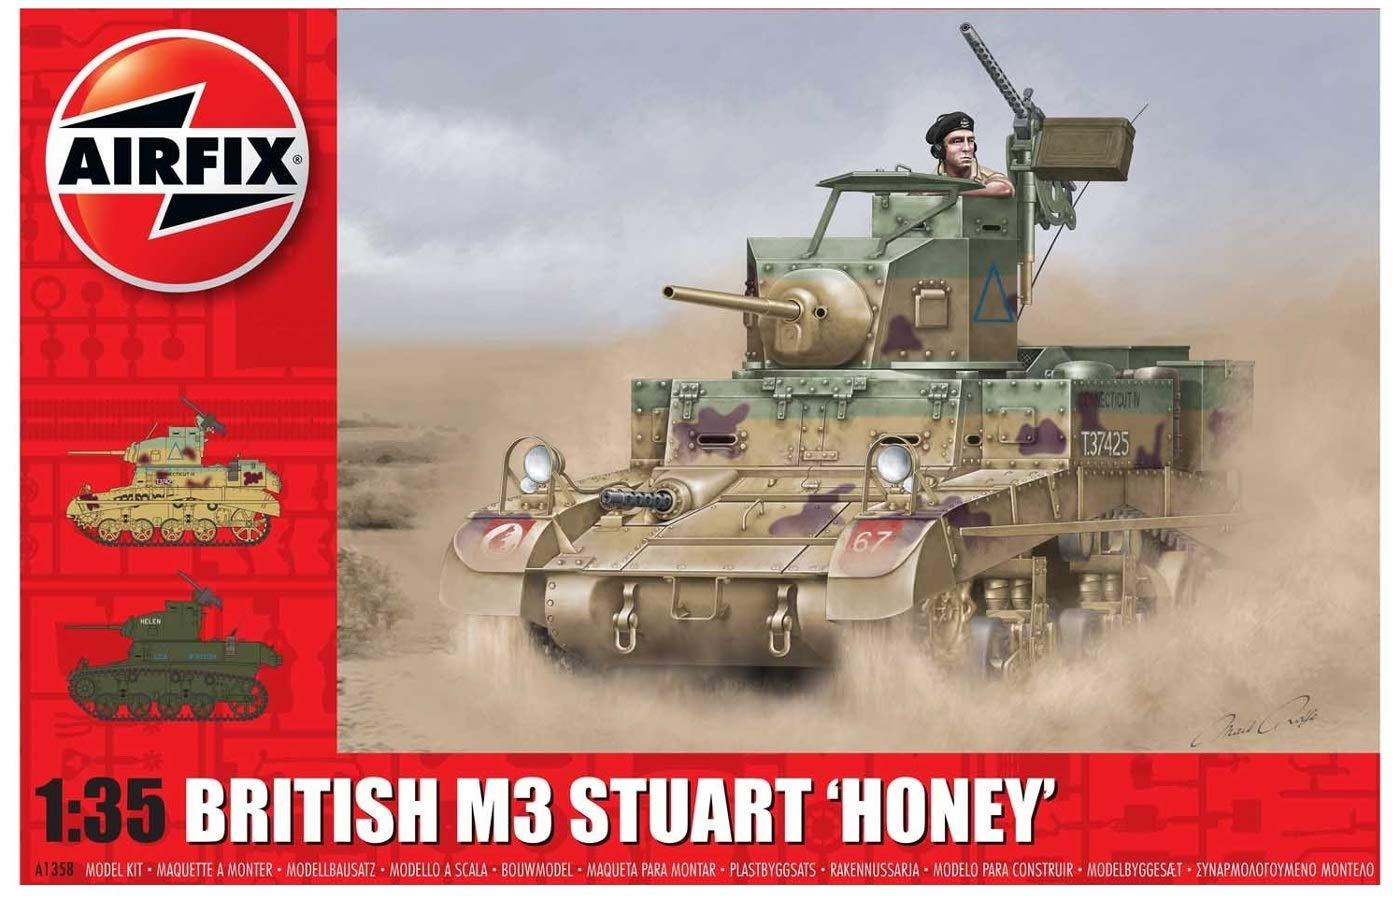 Amazon.com: Airfix British M3 Stuart Honey A1358 - Juego de ...